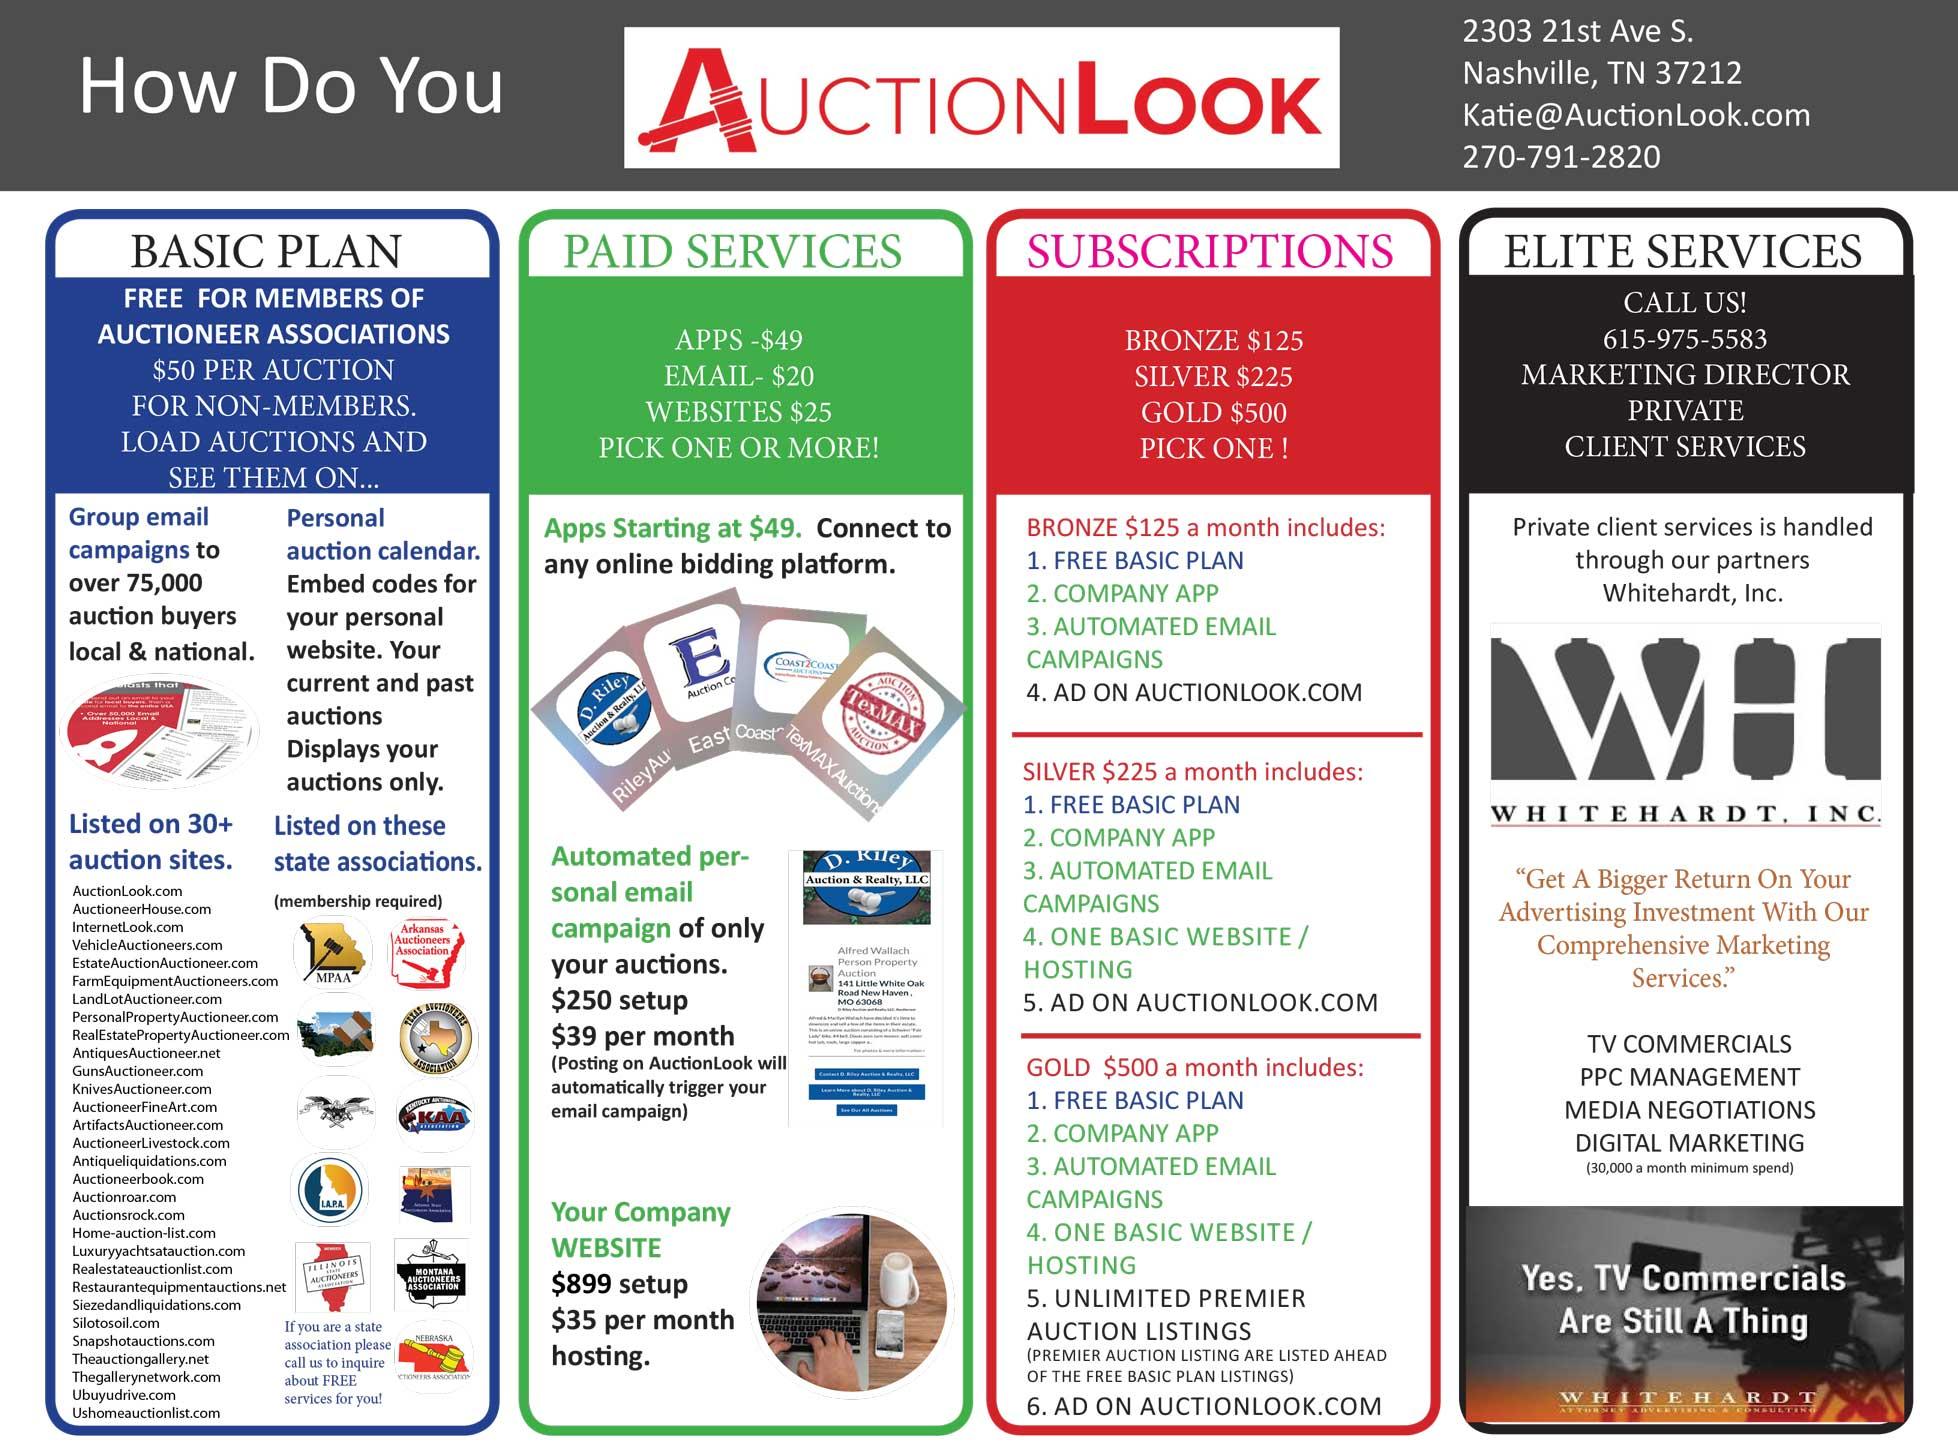 AuctionLook Services Sheet